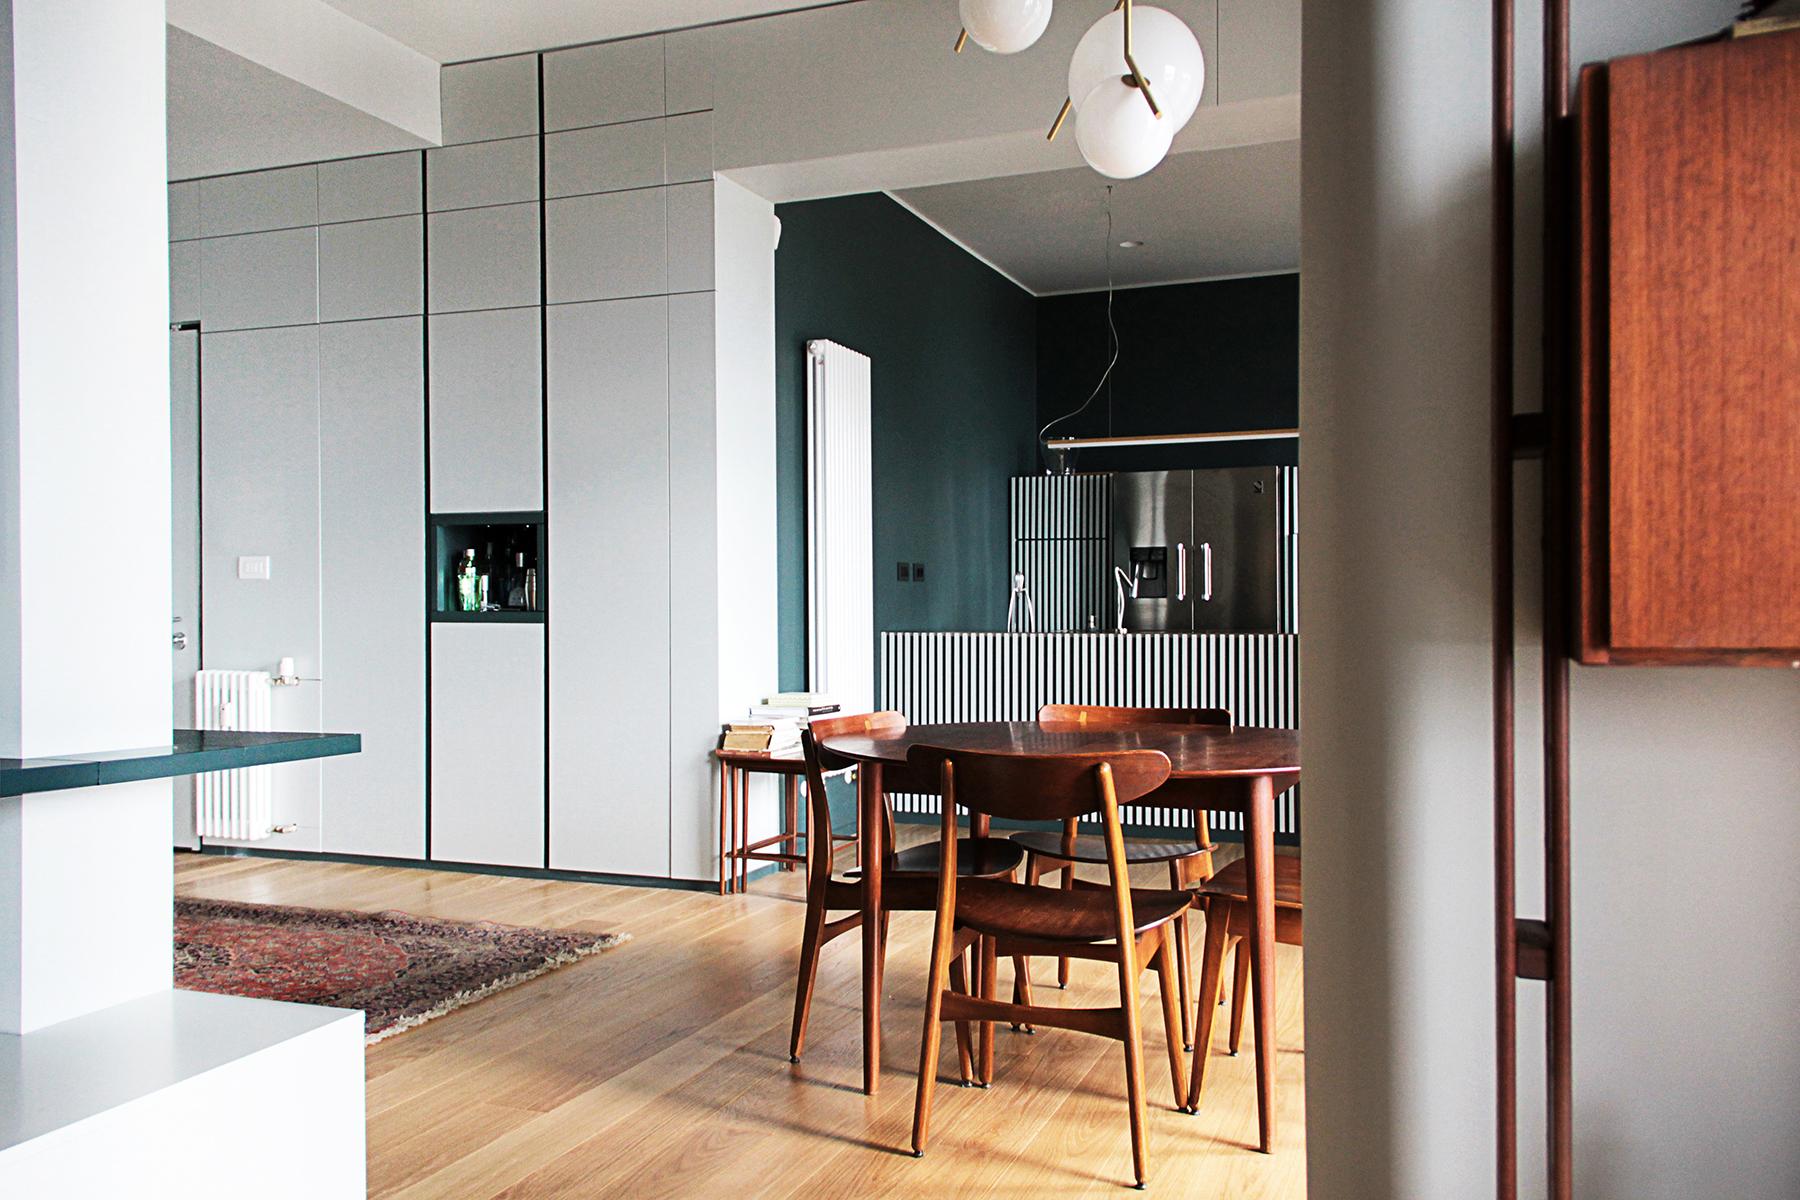 Appartamento a Genova, progetto architetto Luna Vetrani 3pa | Selected by La Chaise Bleue (lachaisebleue.com)